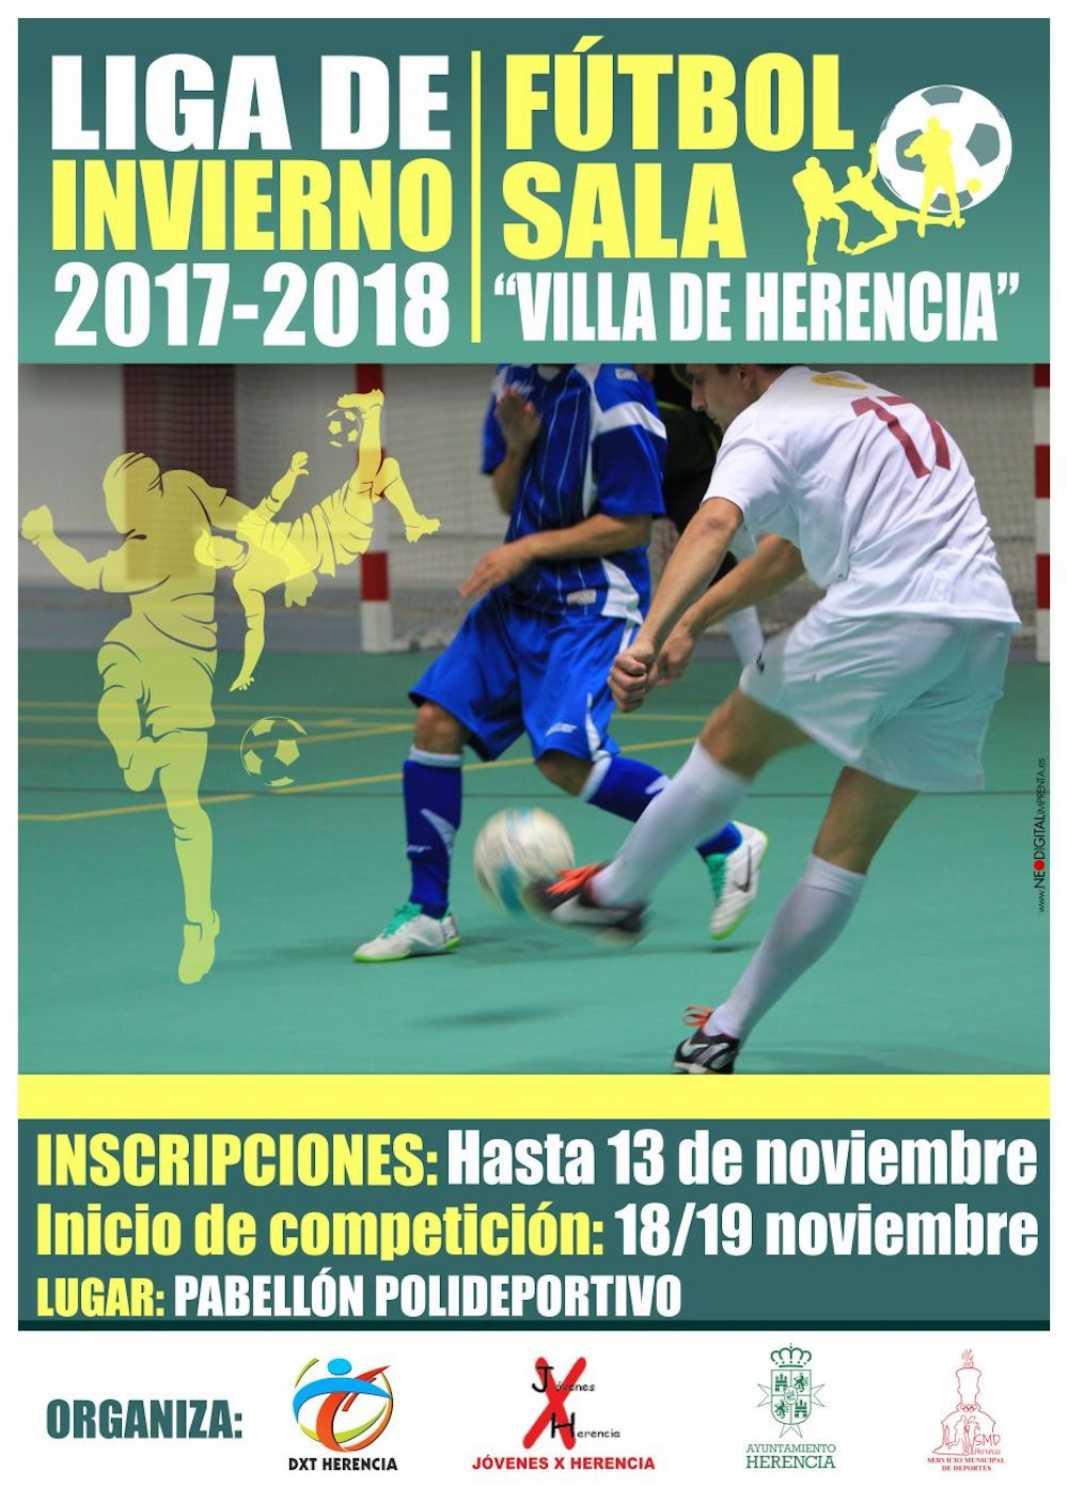 liga de inviernos 2017 2018 1068x1502 - Inscripciones abiertas: Liga de Invierno 2017-2018 Fútbol Sala